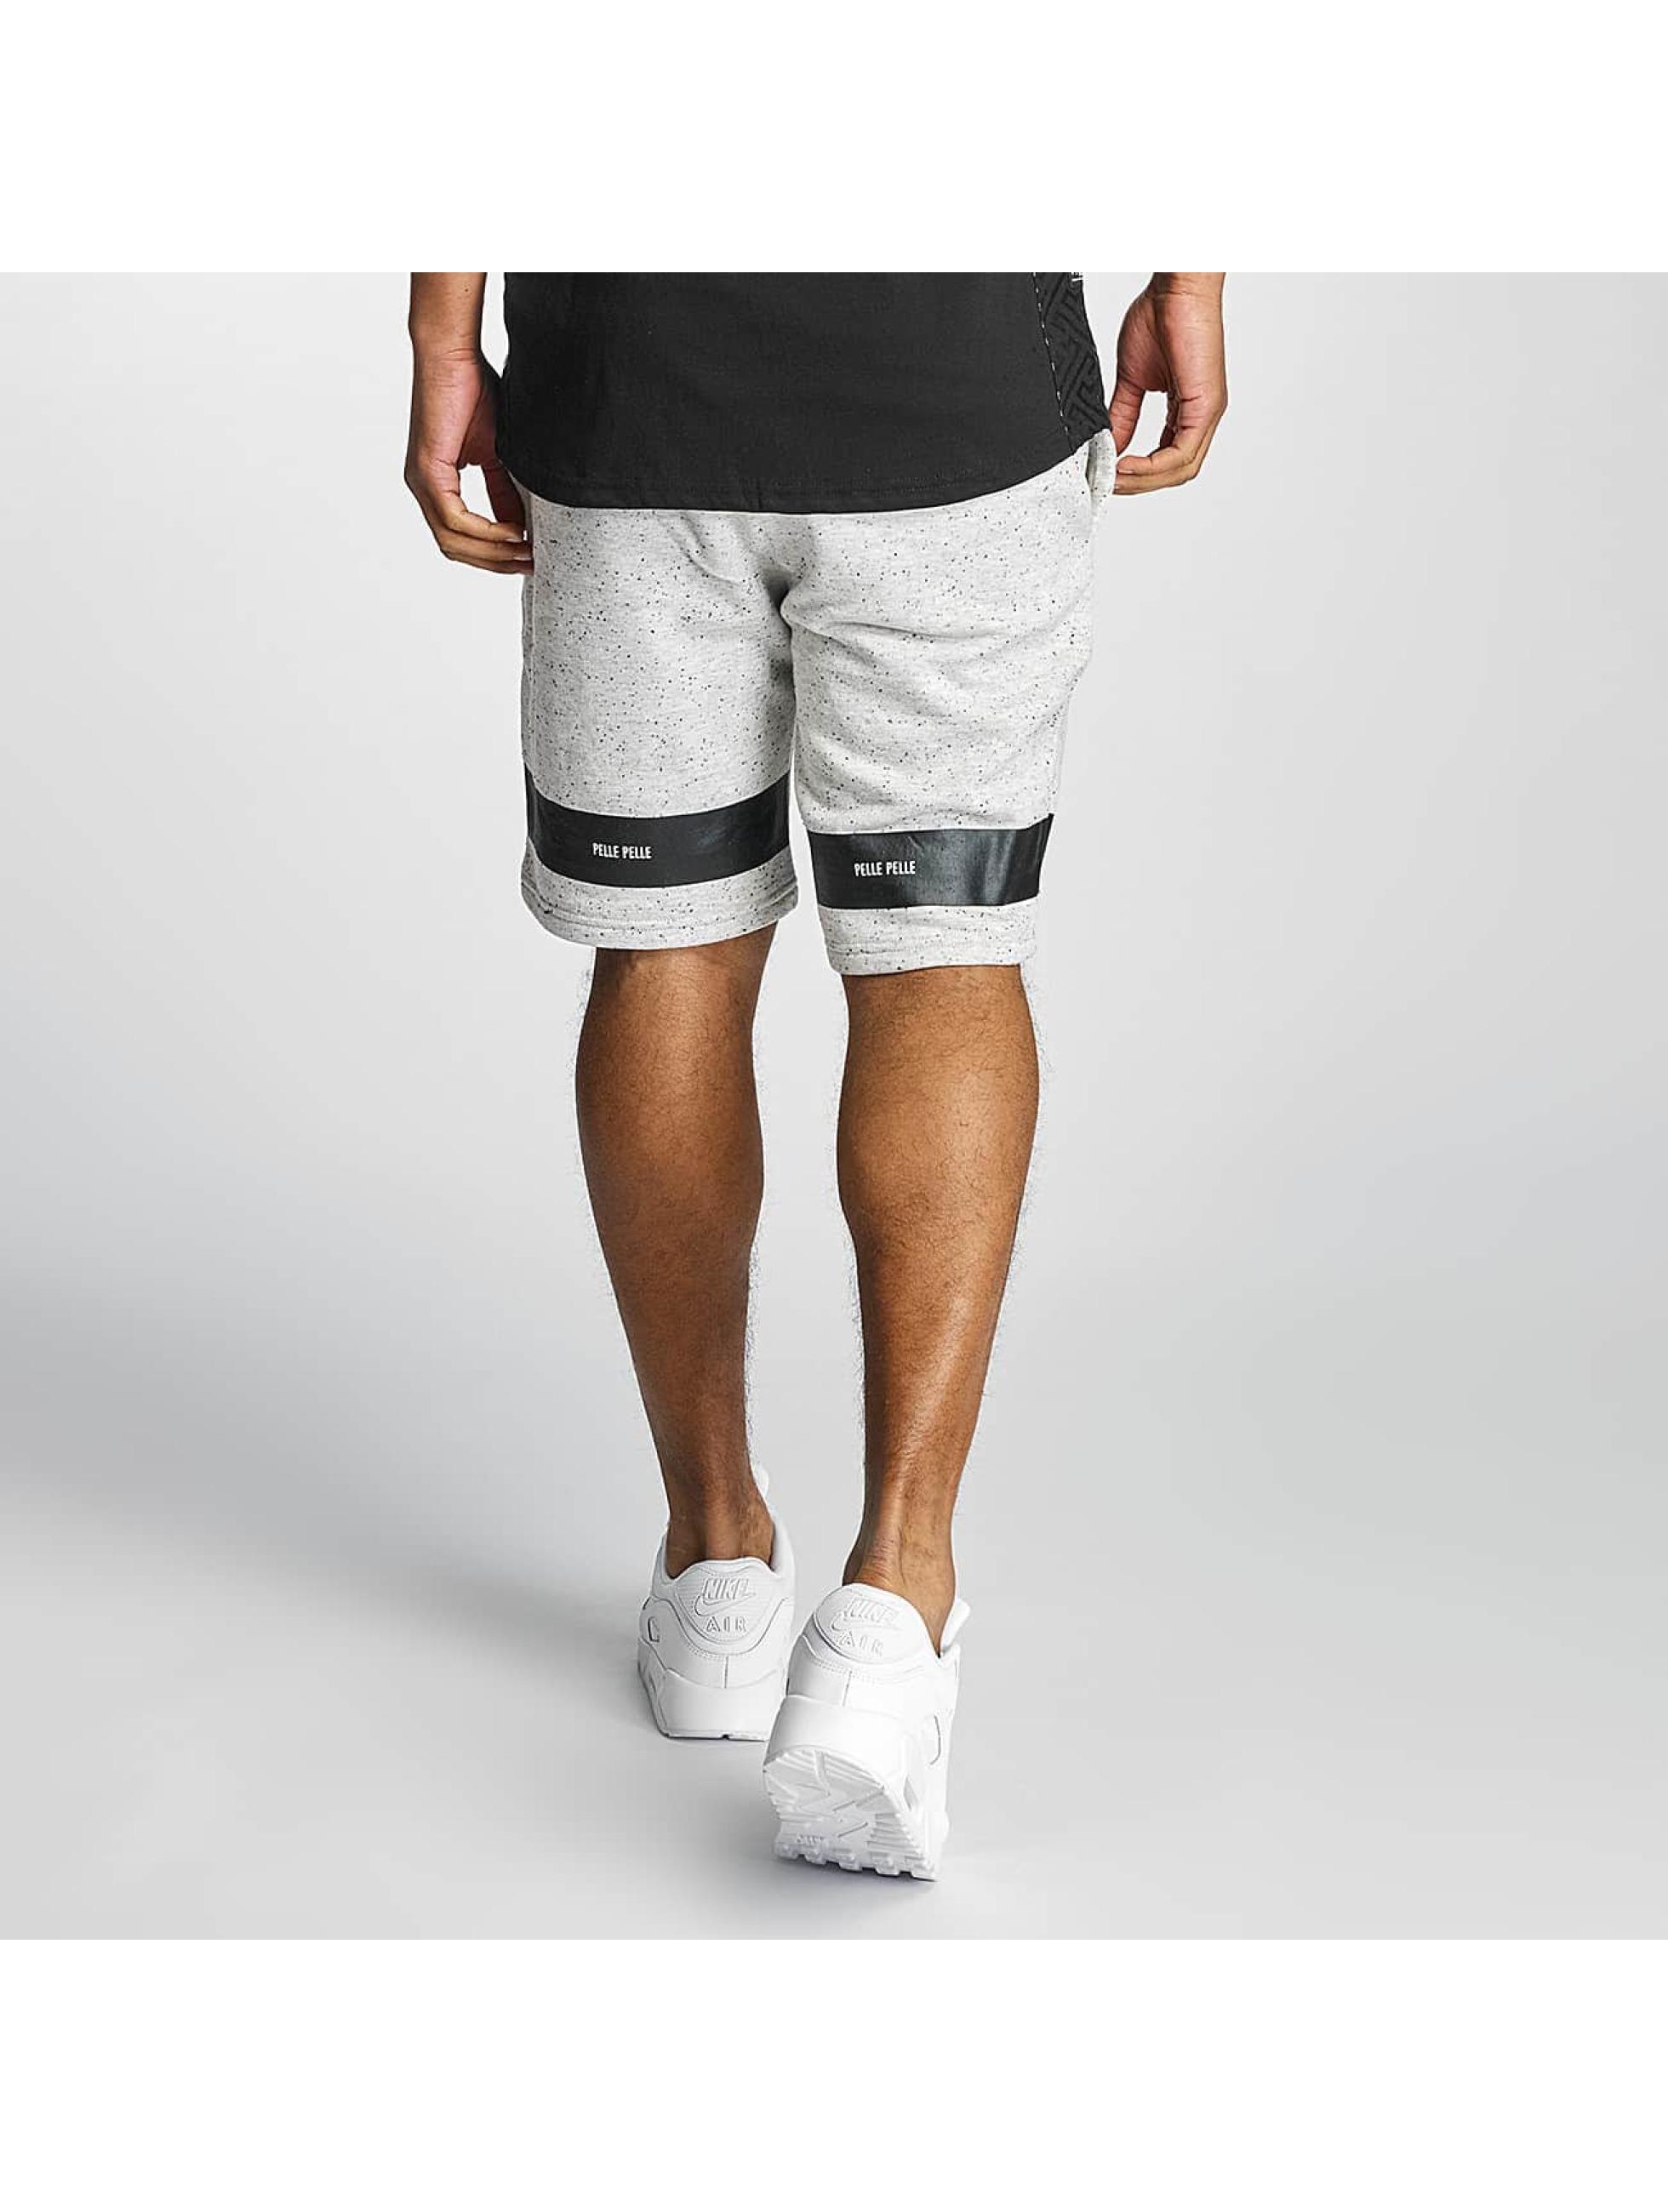 Pelle-Pelle-Uomini-Pantaloni-Shorts-16-Bars-Sweat